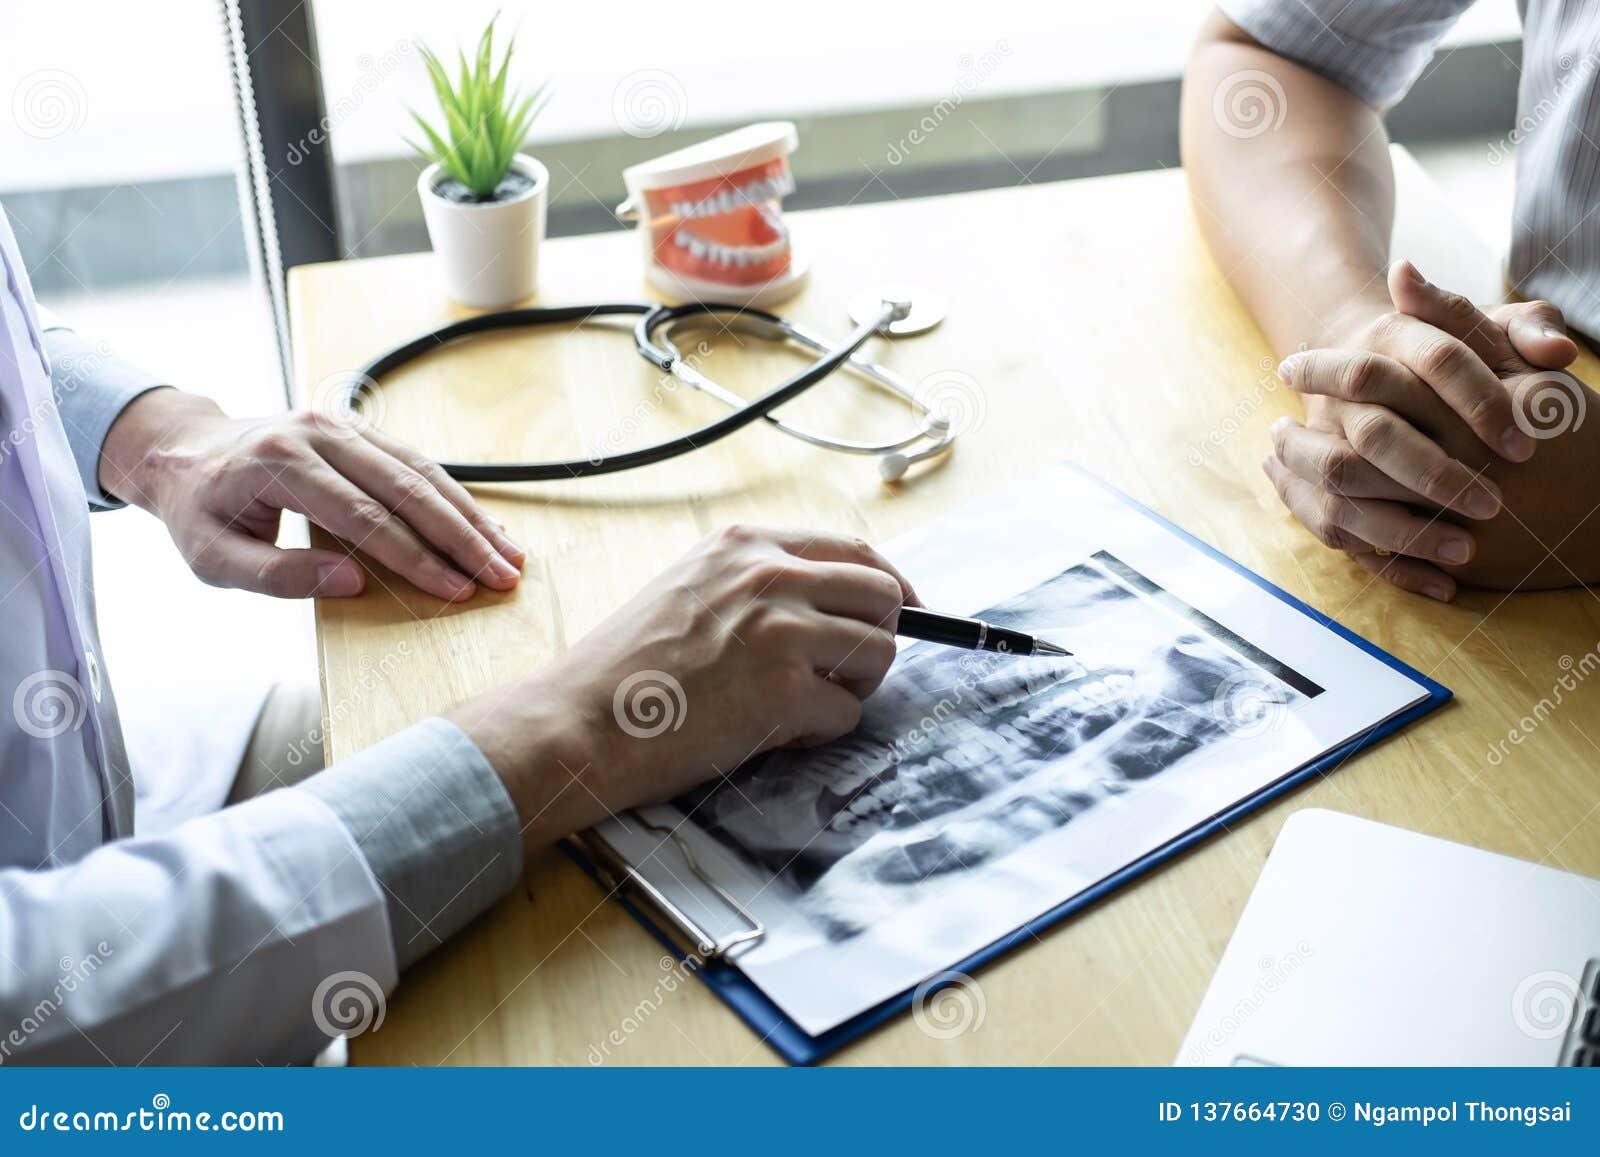 L image du docteur ou le dentiste présent avec le film radiographique de dent recommandent patient dans le traitement de dentaire